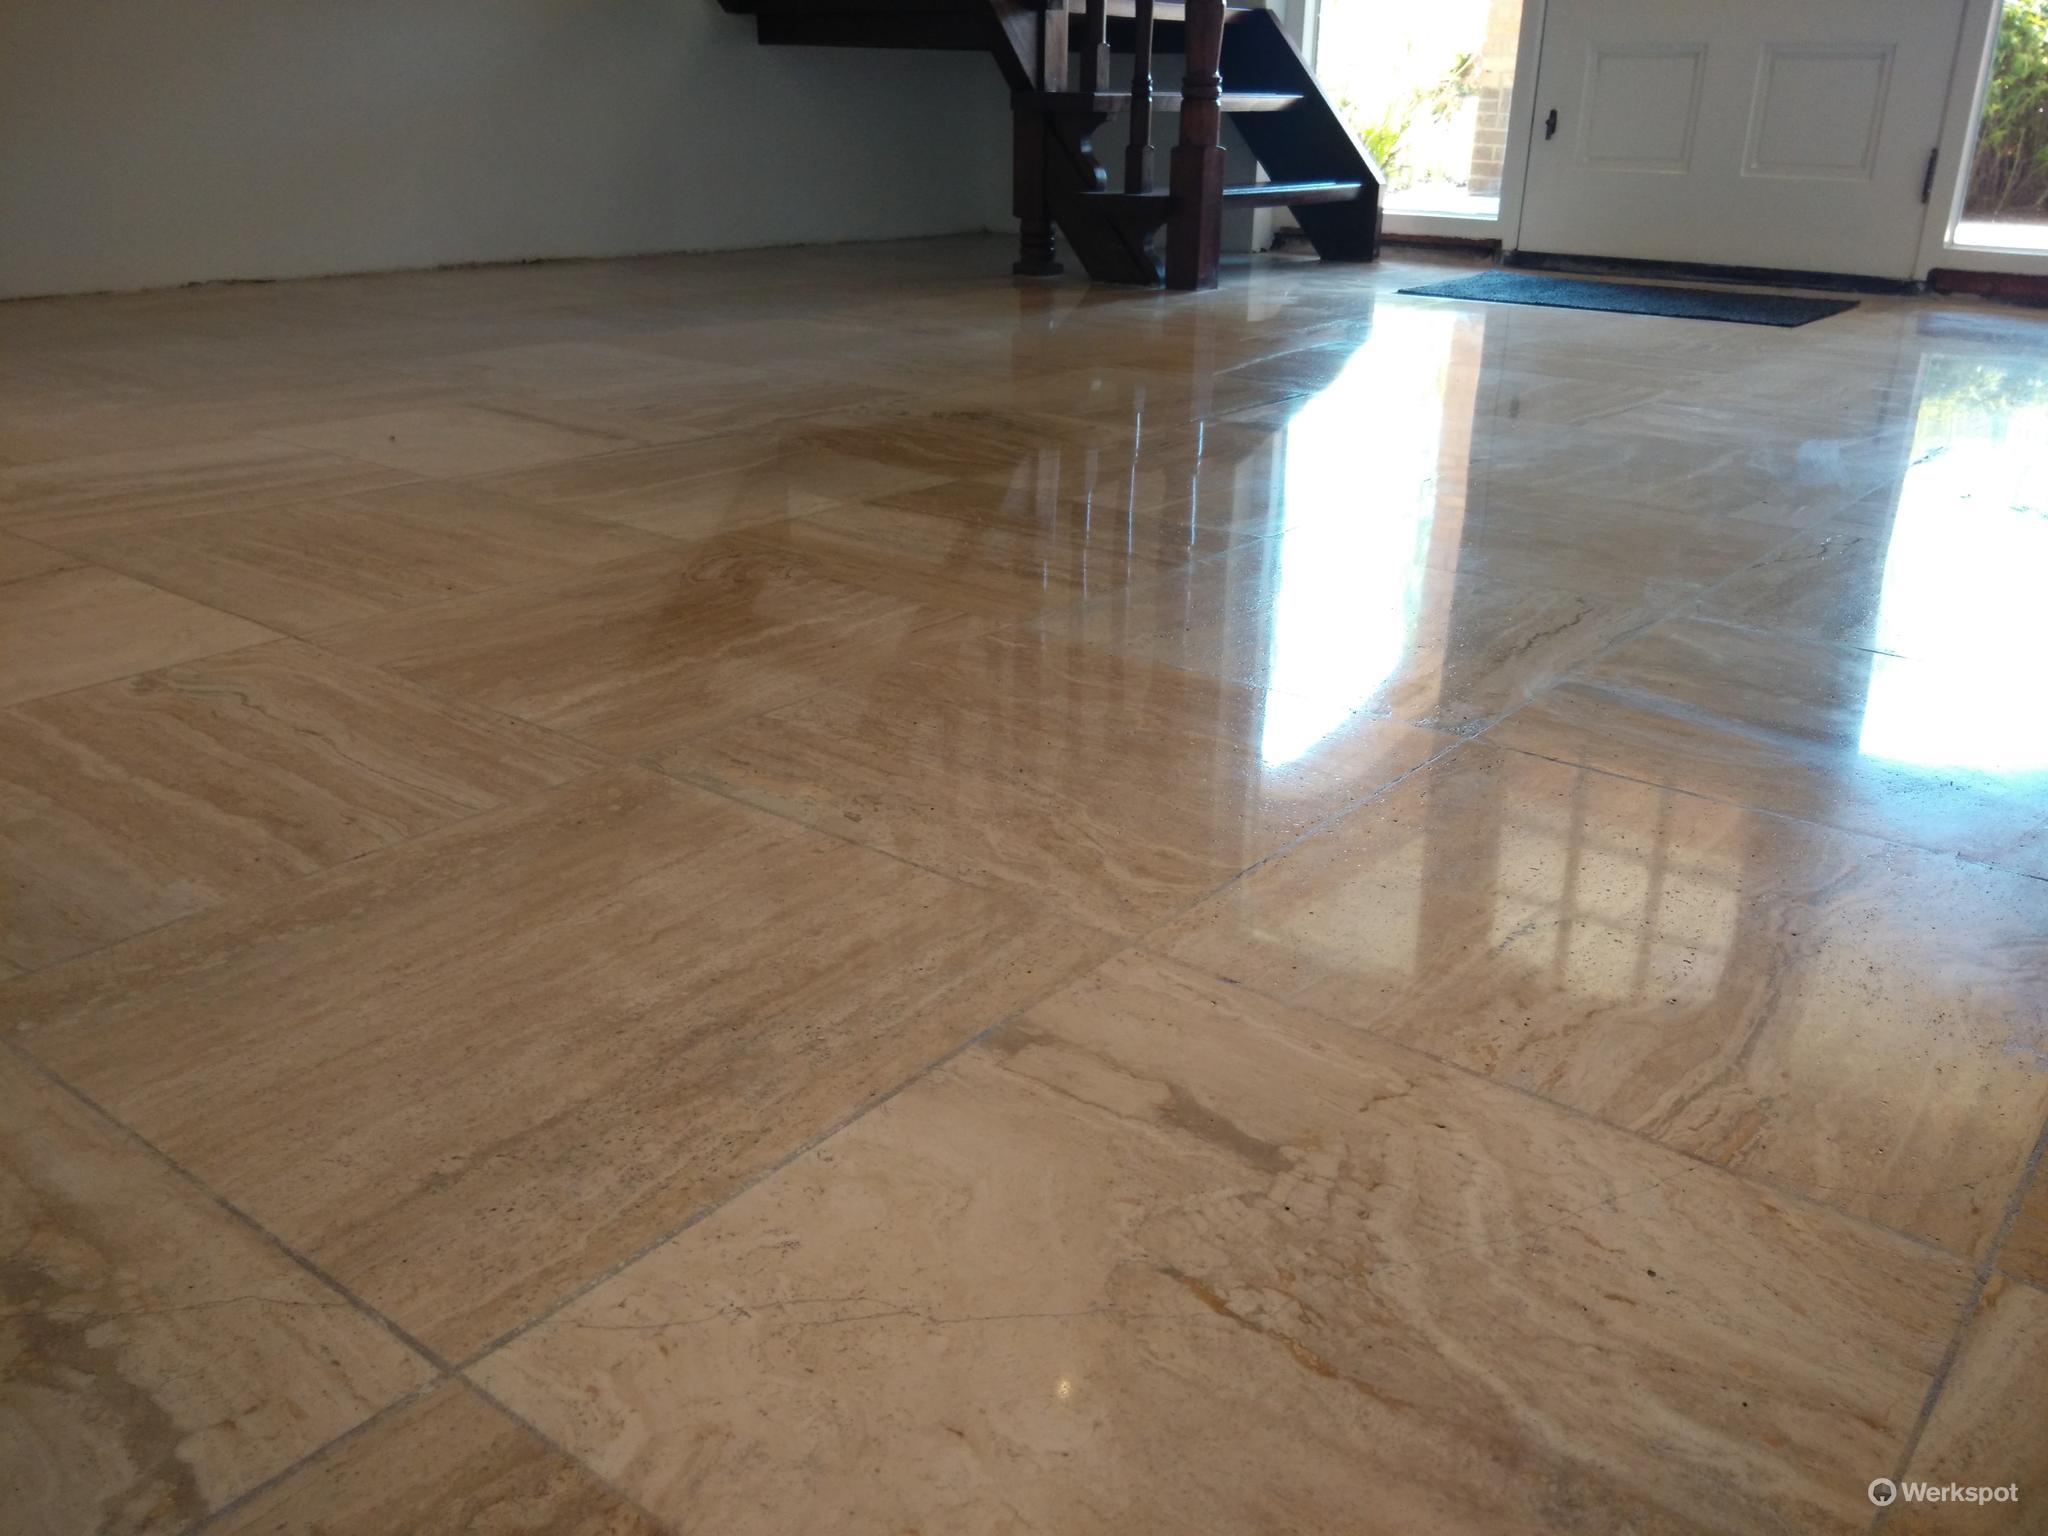 Travertin Vloer Badkamer : Travertin vloer repareren polijsten en impregneren werkspot